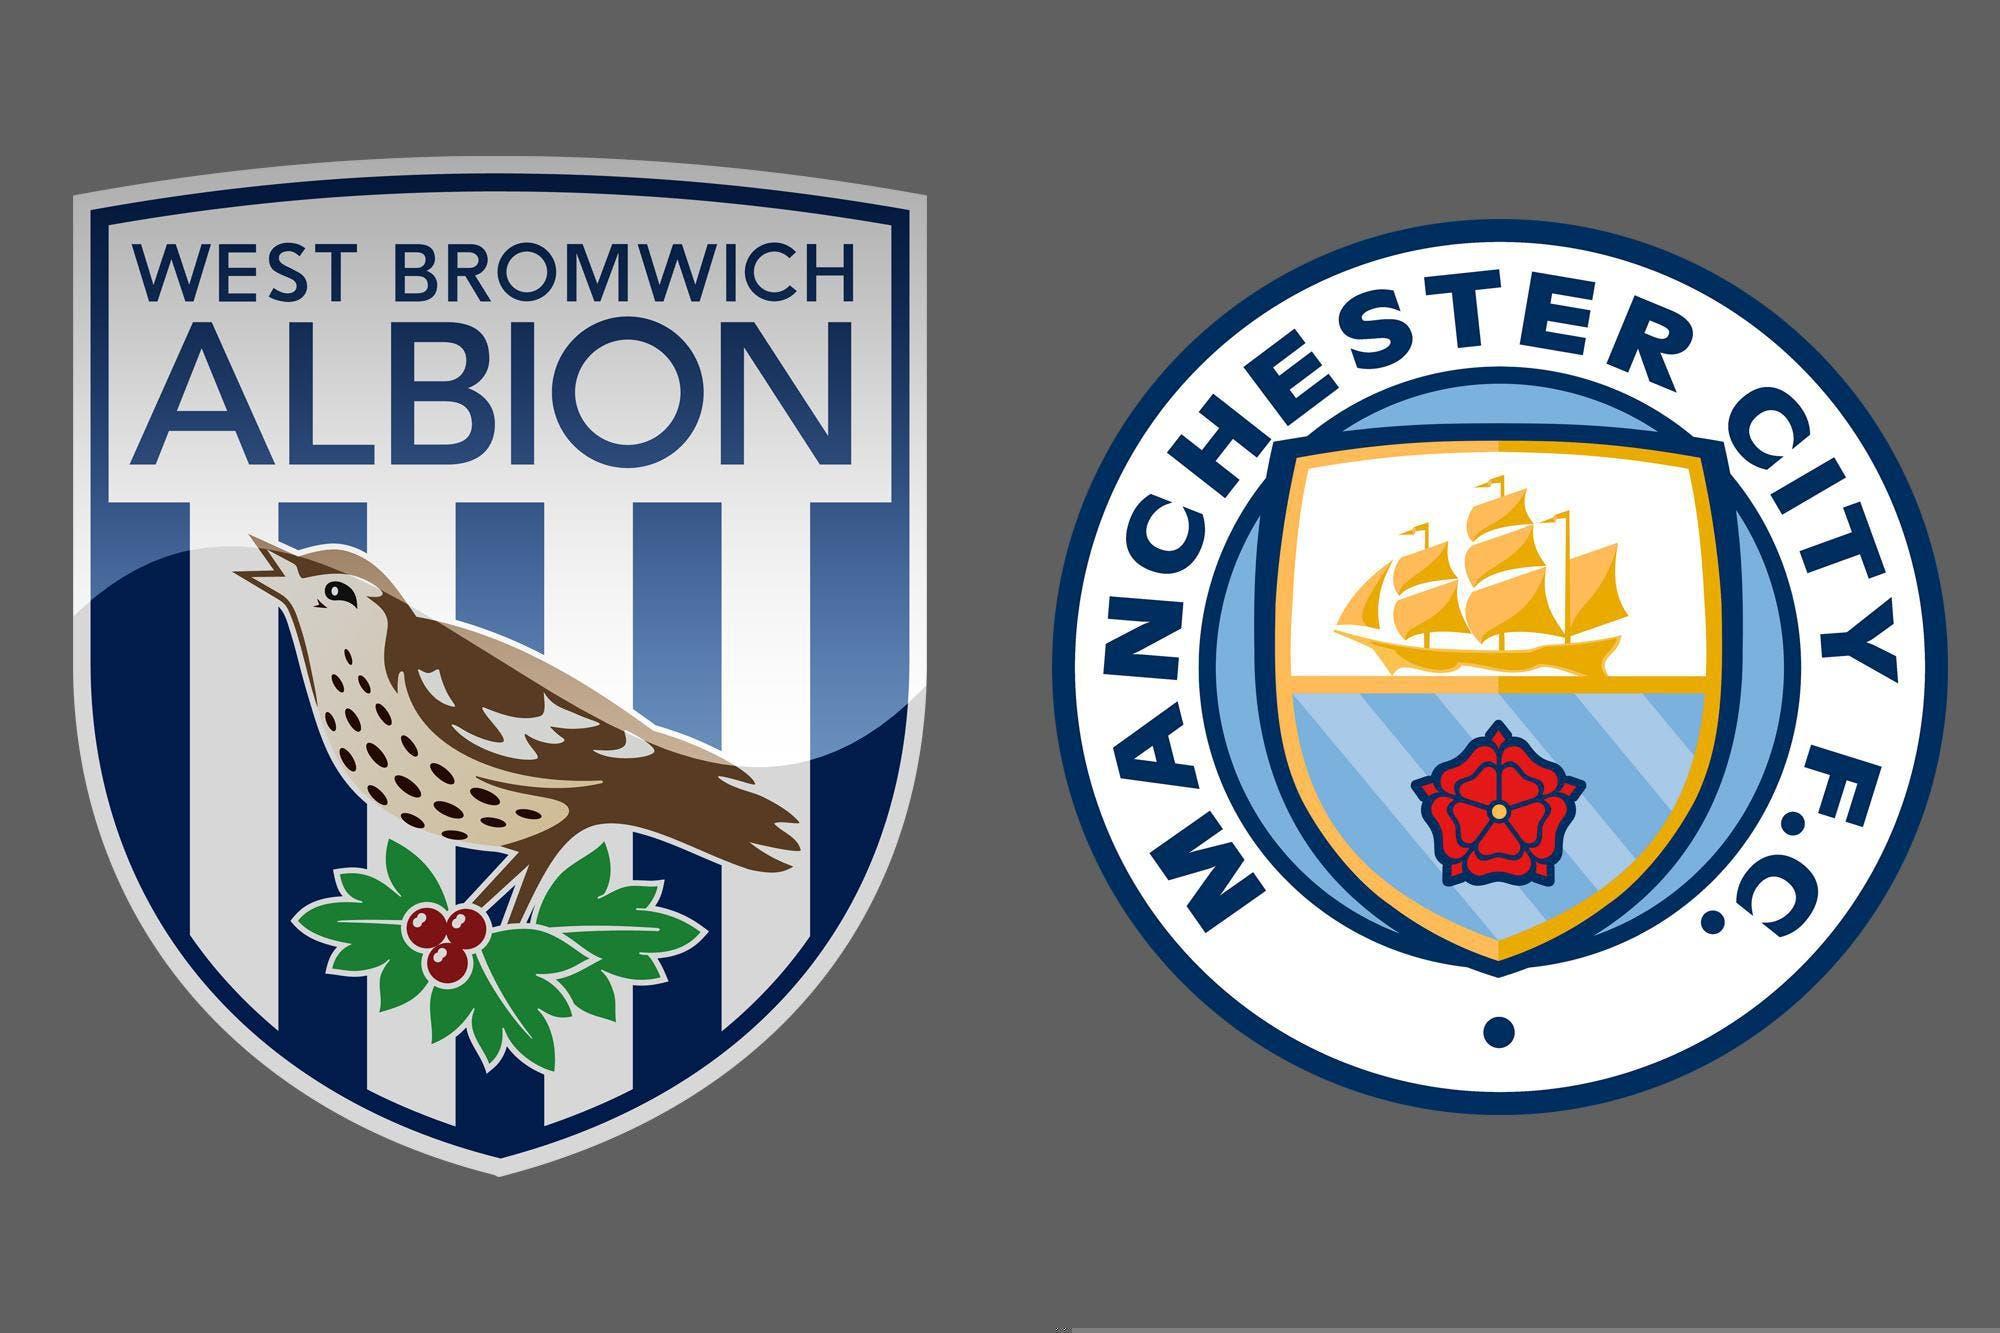 Premier League de Inglaterra: Manchester City venció por 5-0 a West Bromwich Albion como visitante